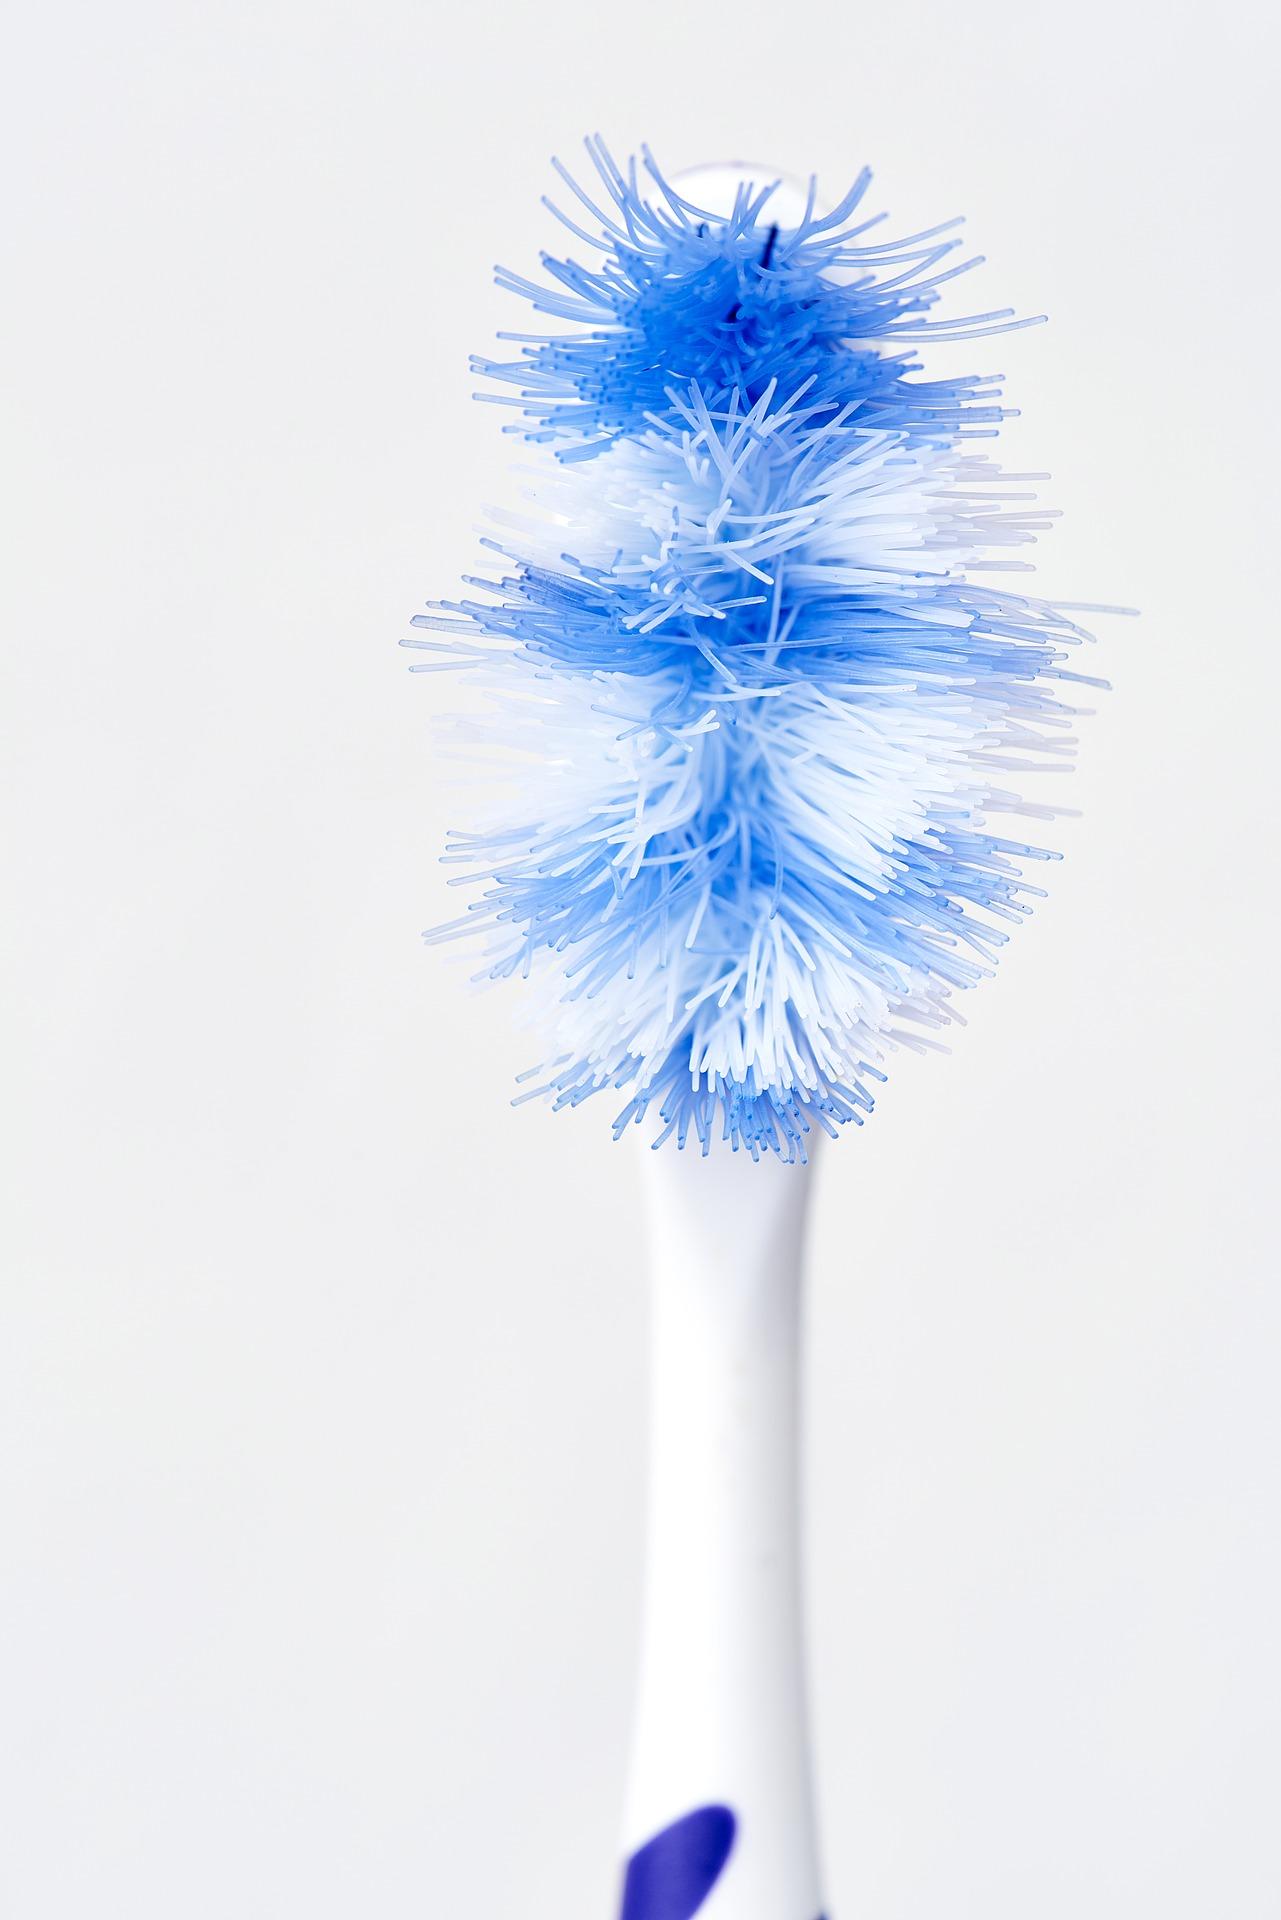 ¿Cuándo debo cambiar mi cepillo de dientes?